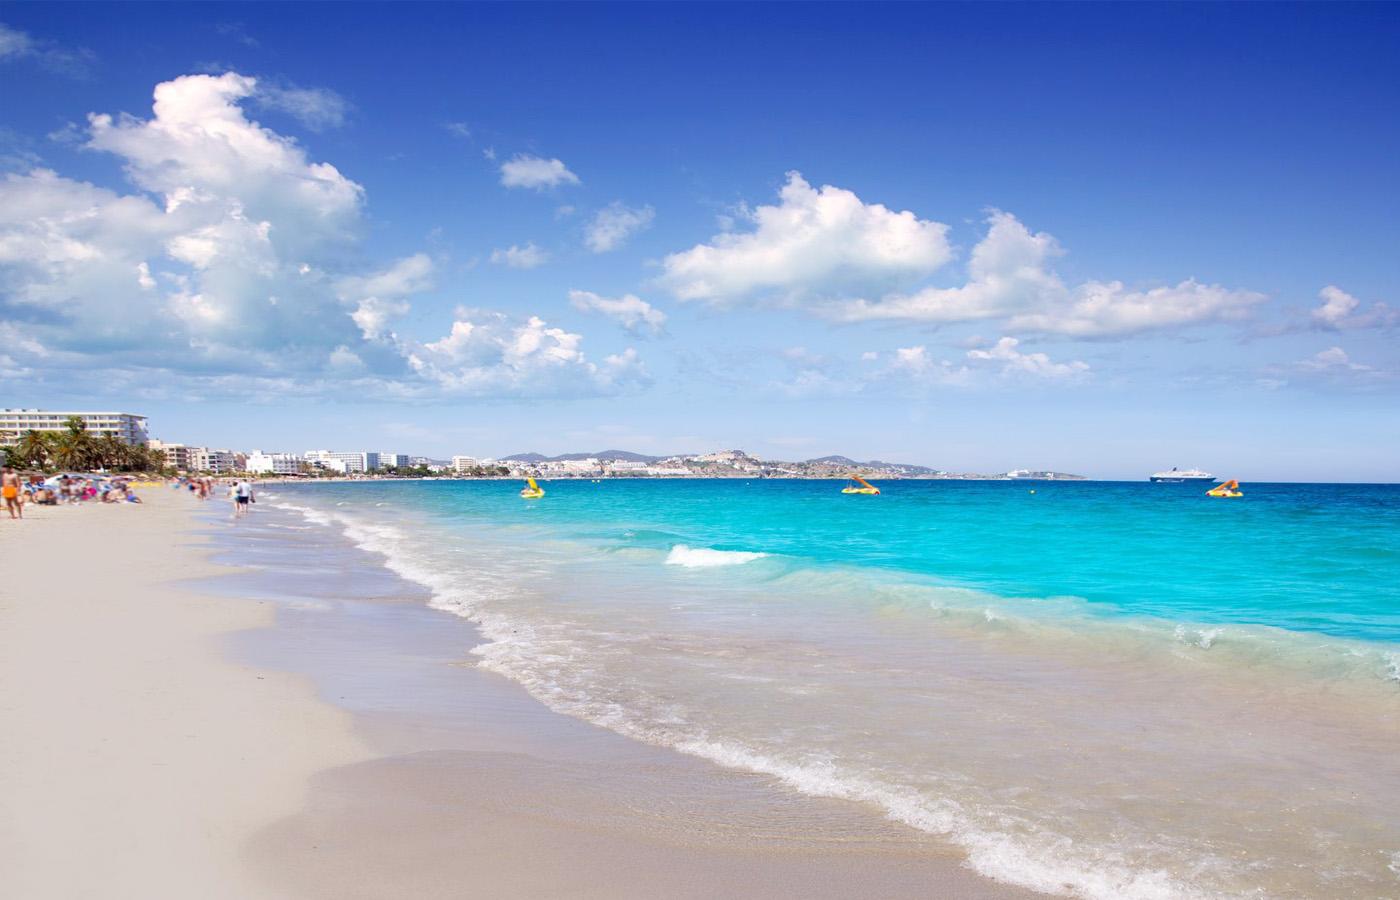 Playa den Bossa | Beaches and calas of Ibiza